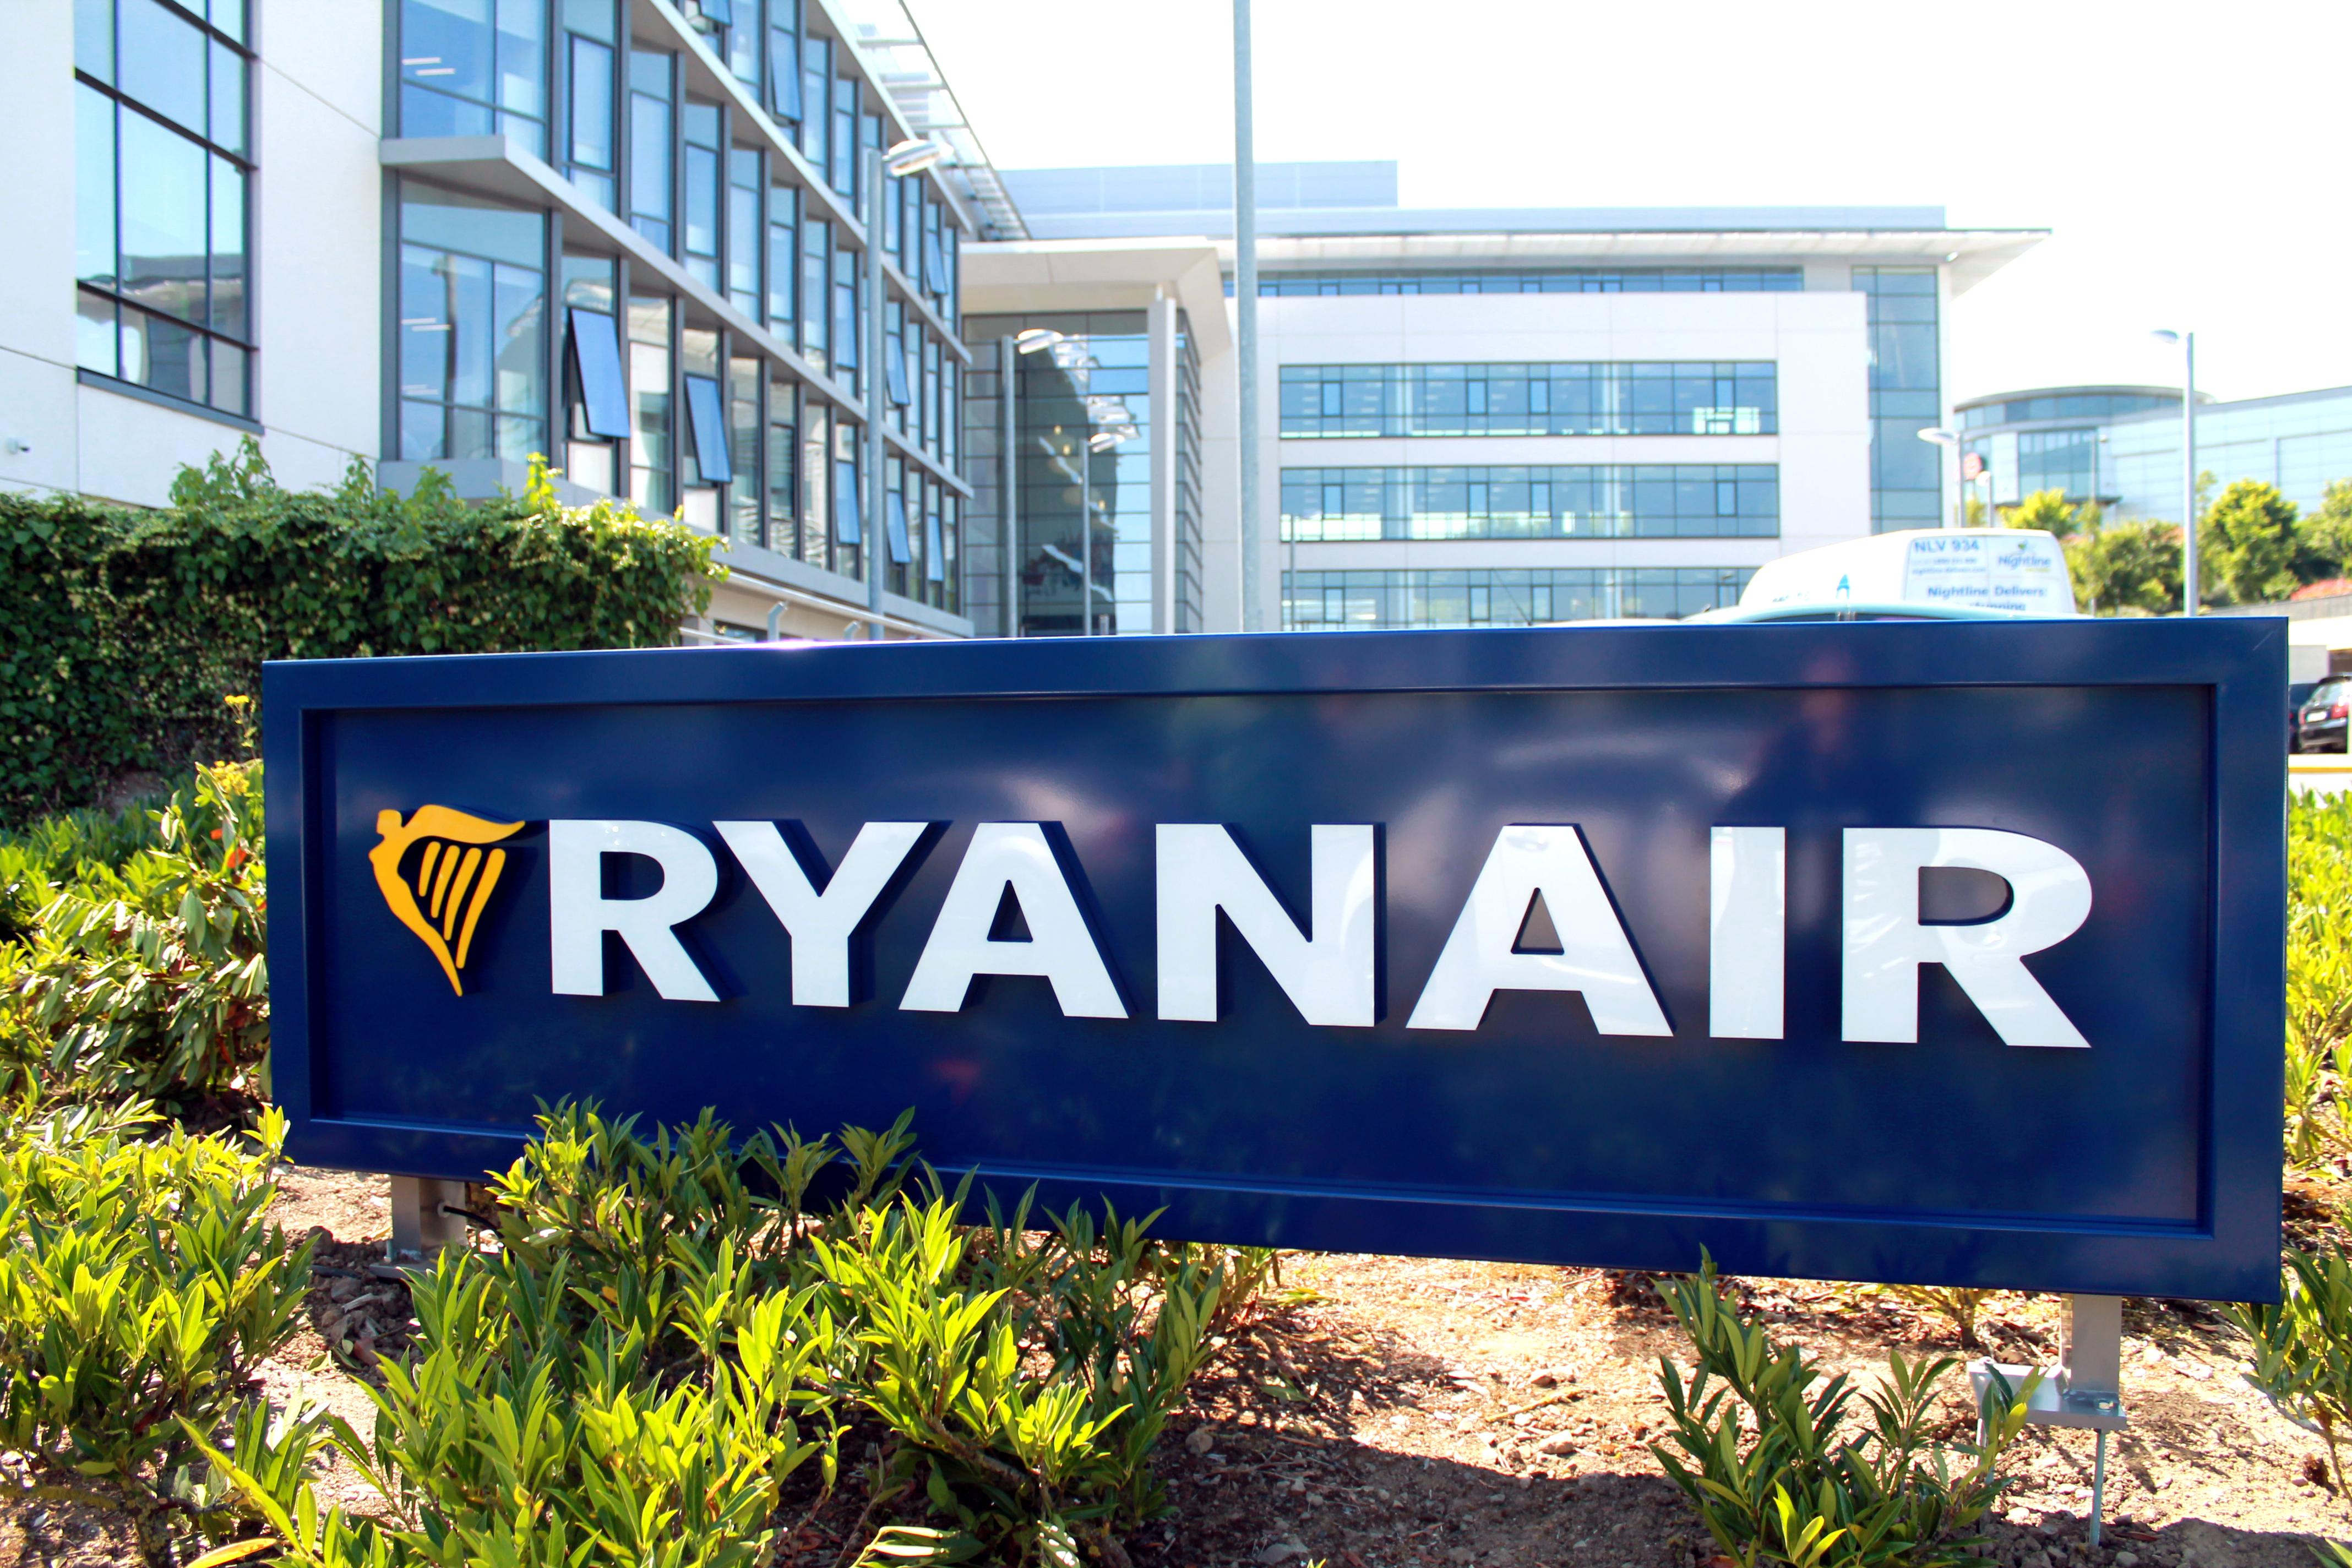 Ryanair Dublin HQ Sign